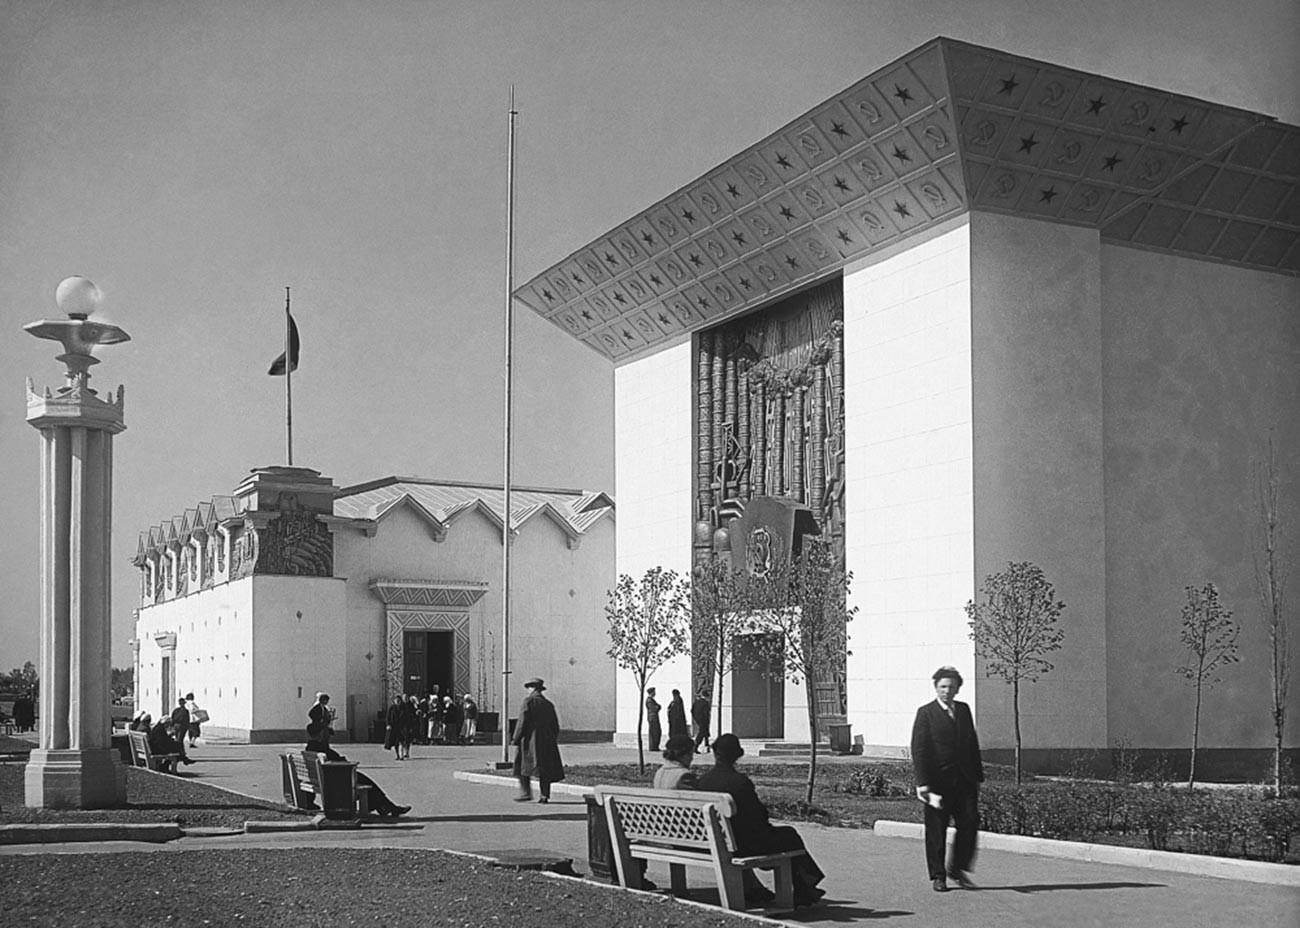 Exposition des réalisations de l'économie nationale, pavillon des régions centrales de la Russie soviétique, 1930